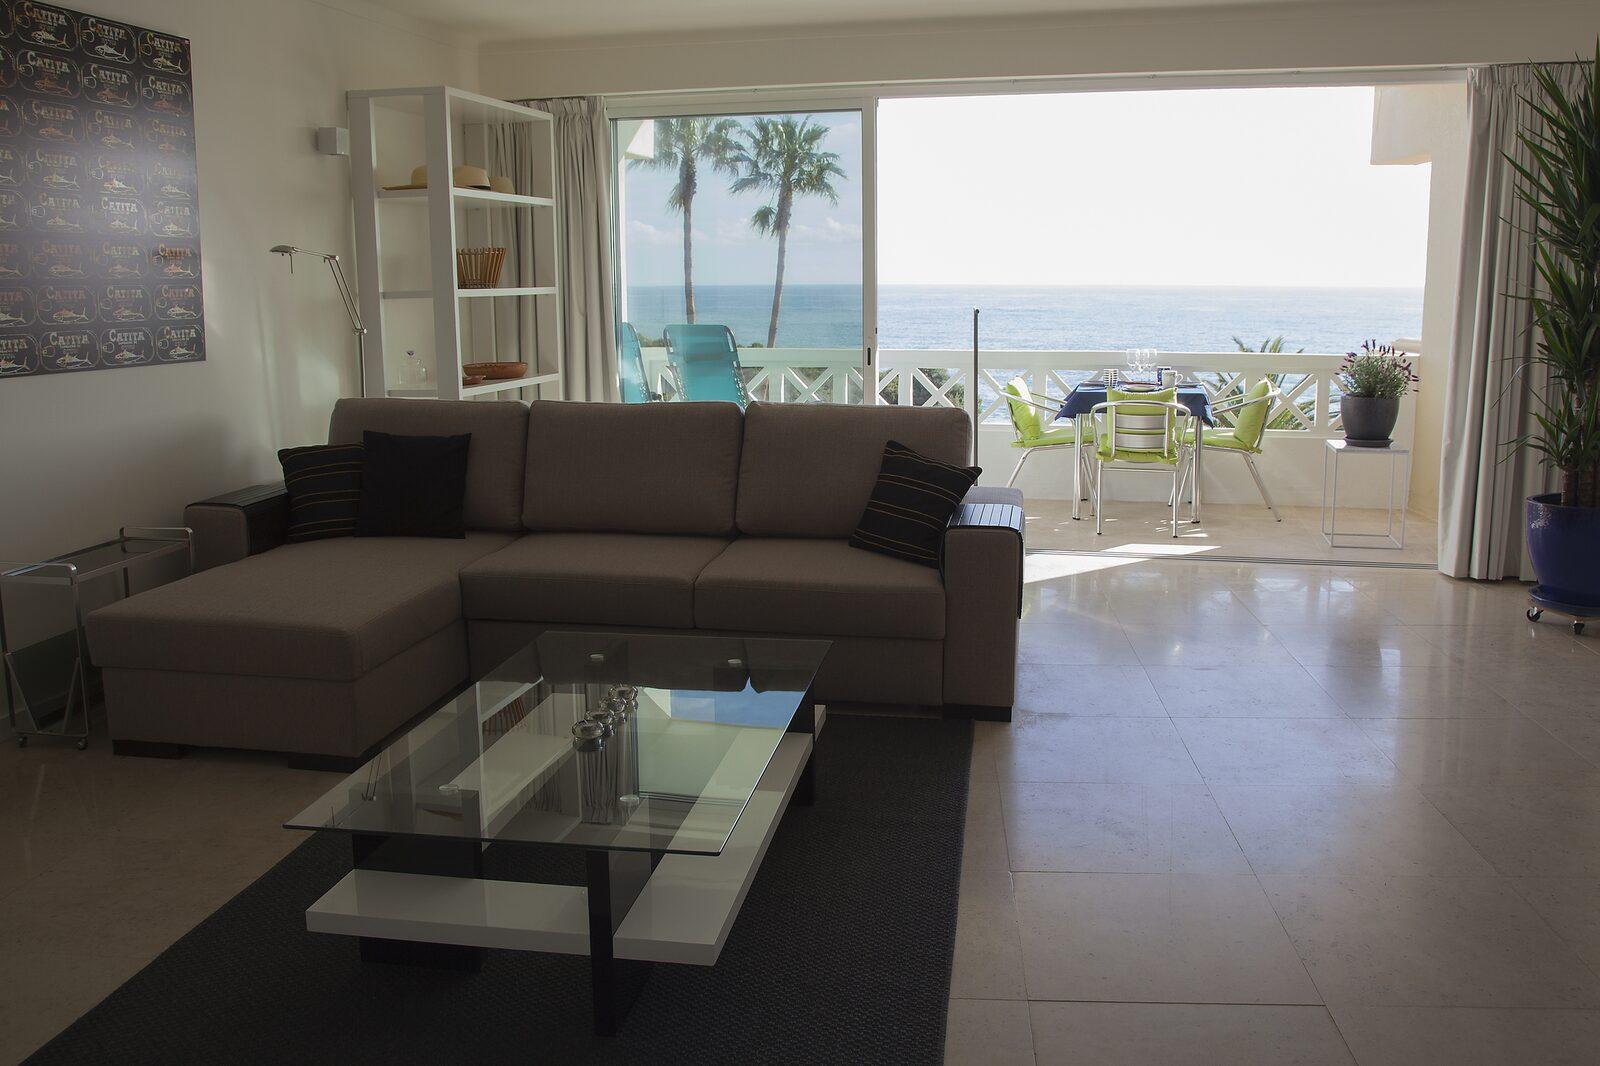 Apartment Brisa do Mar II | 2 personen